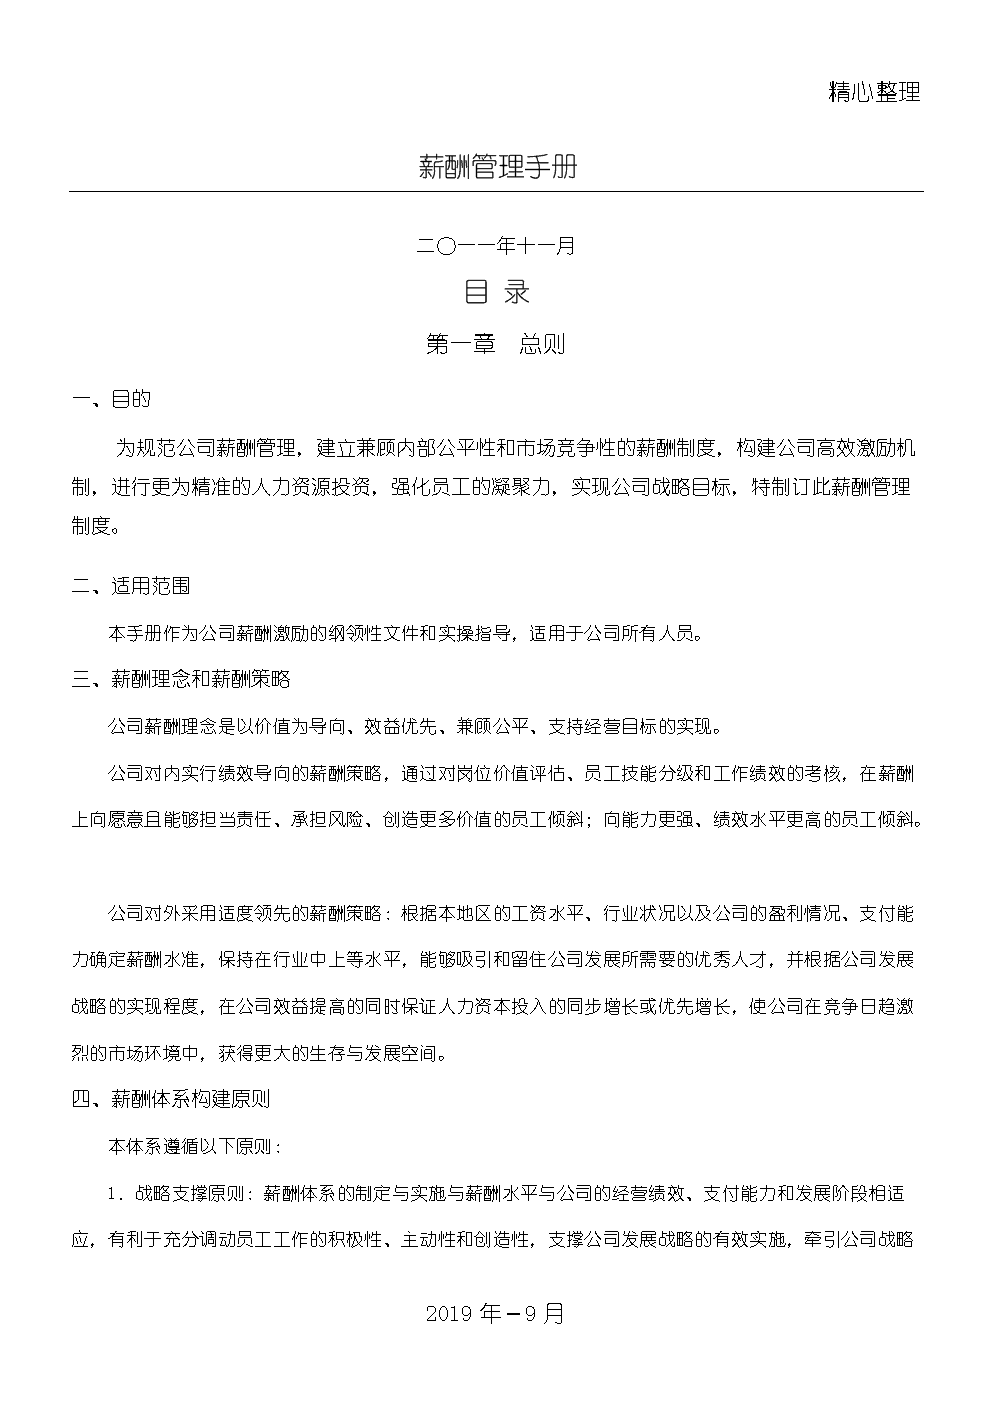 公司薪酬管理管理守则.doc